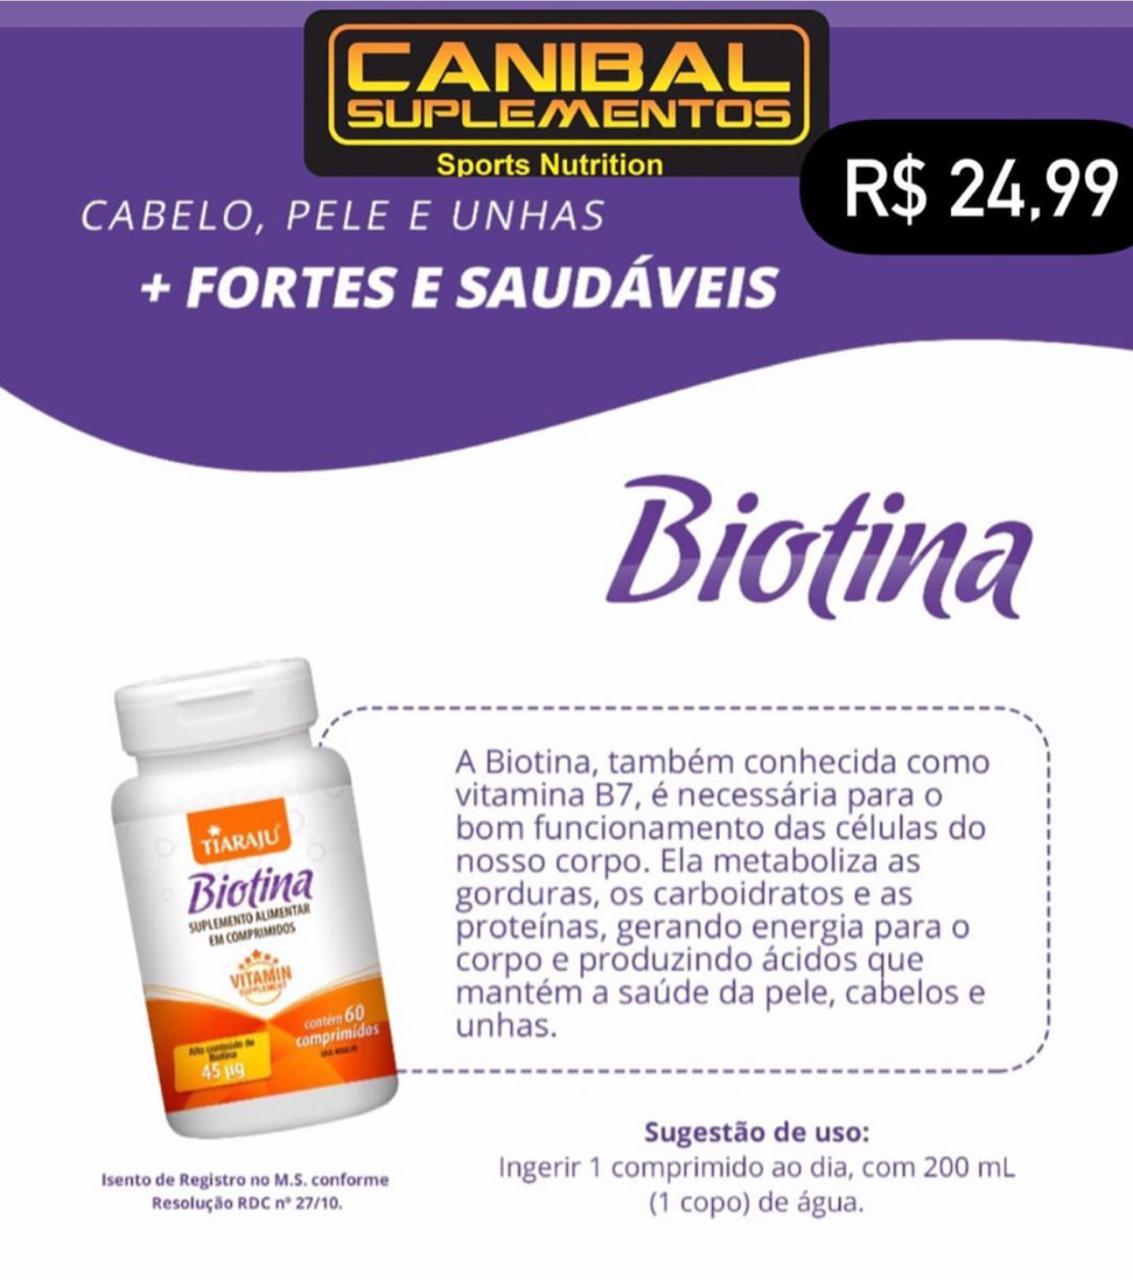 Biotina 60caps TIARAJU